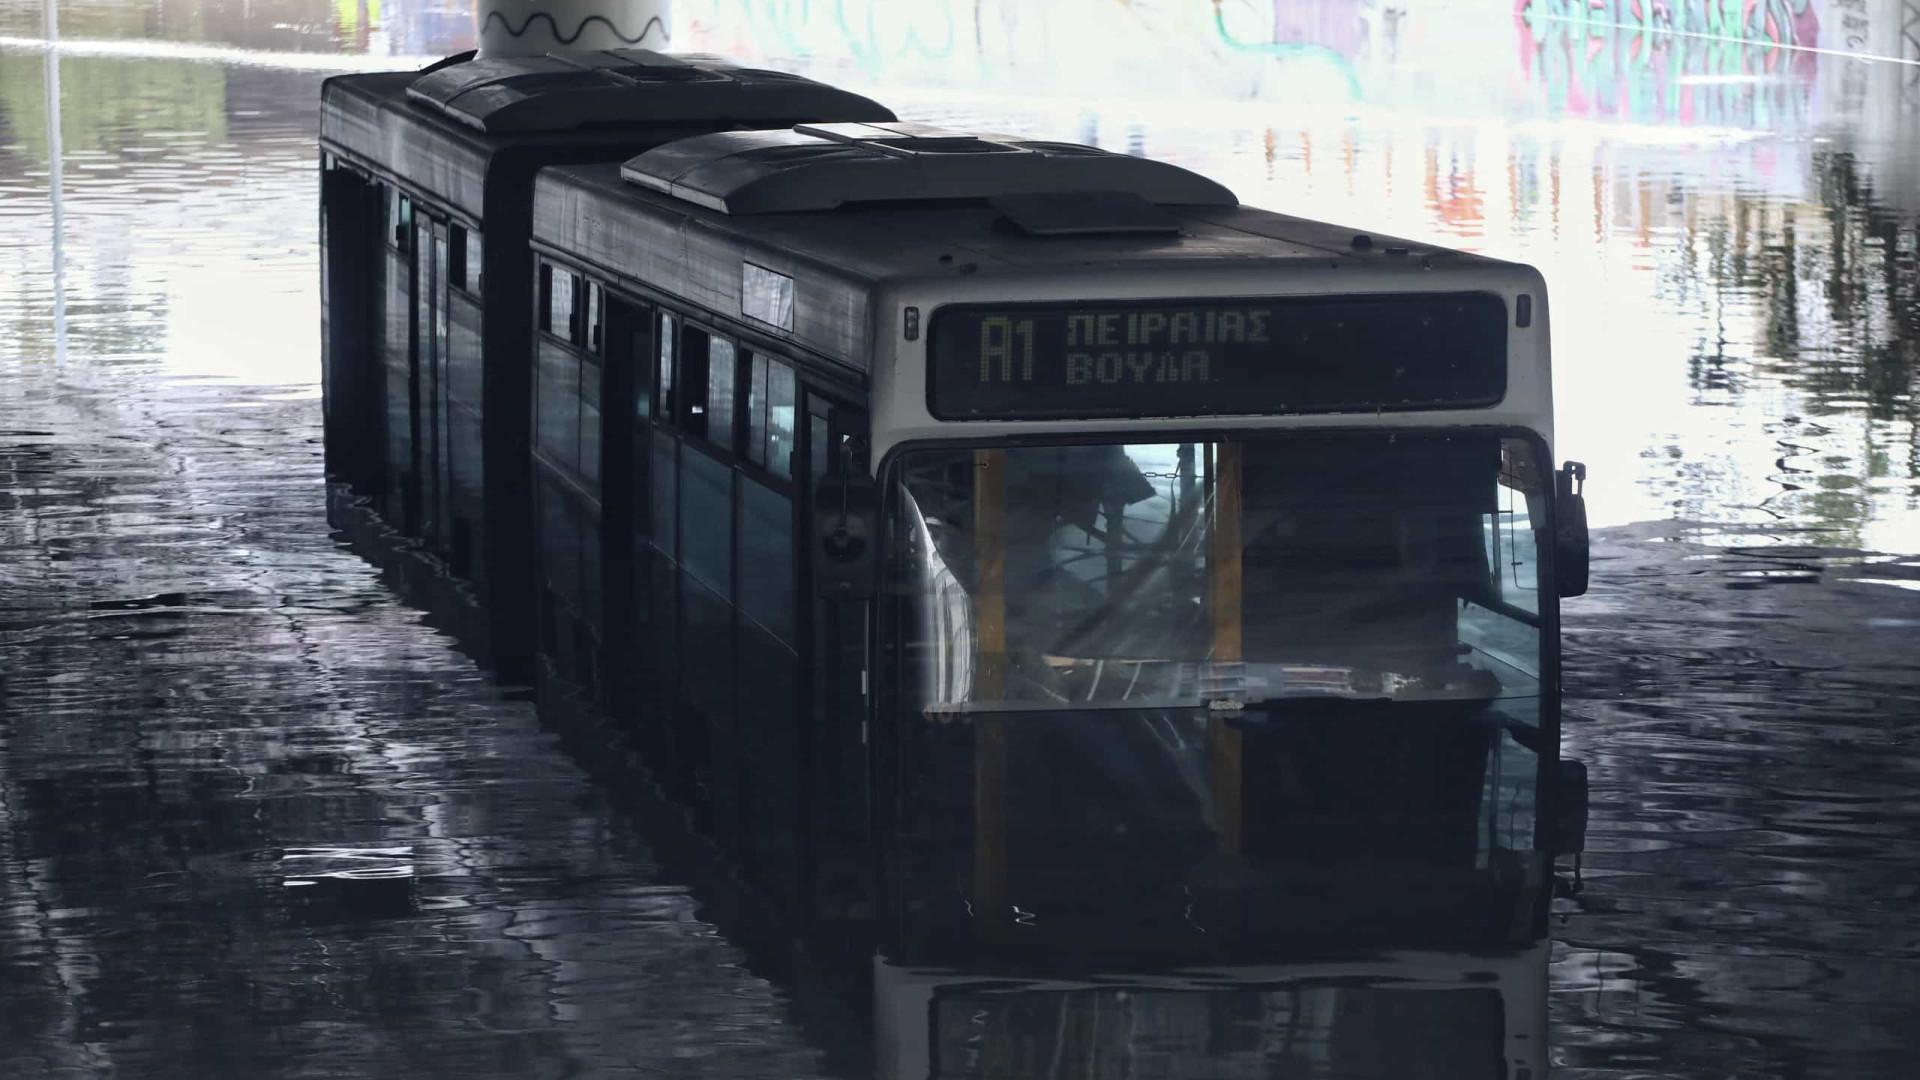 Escolas e serviços públicos encerrados em Atenas devido a inundações